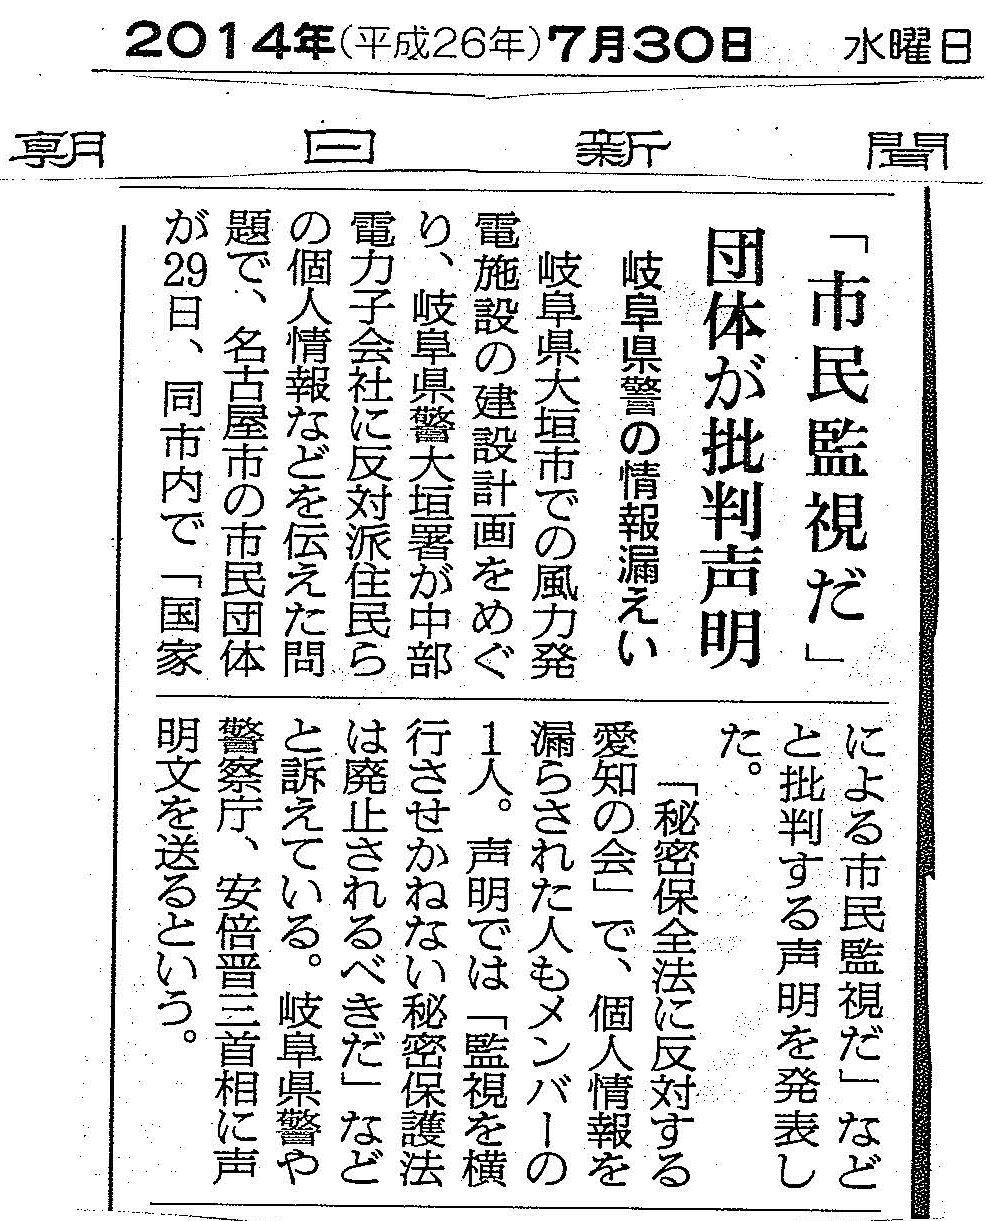 岐阜県警による市民団体監視・漏えいに対して抗議声明発表_c0241022_18324635.jpg